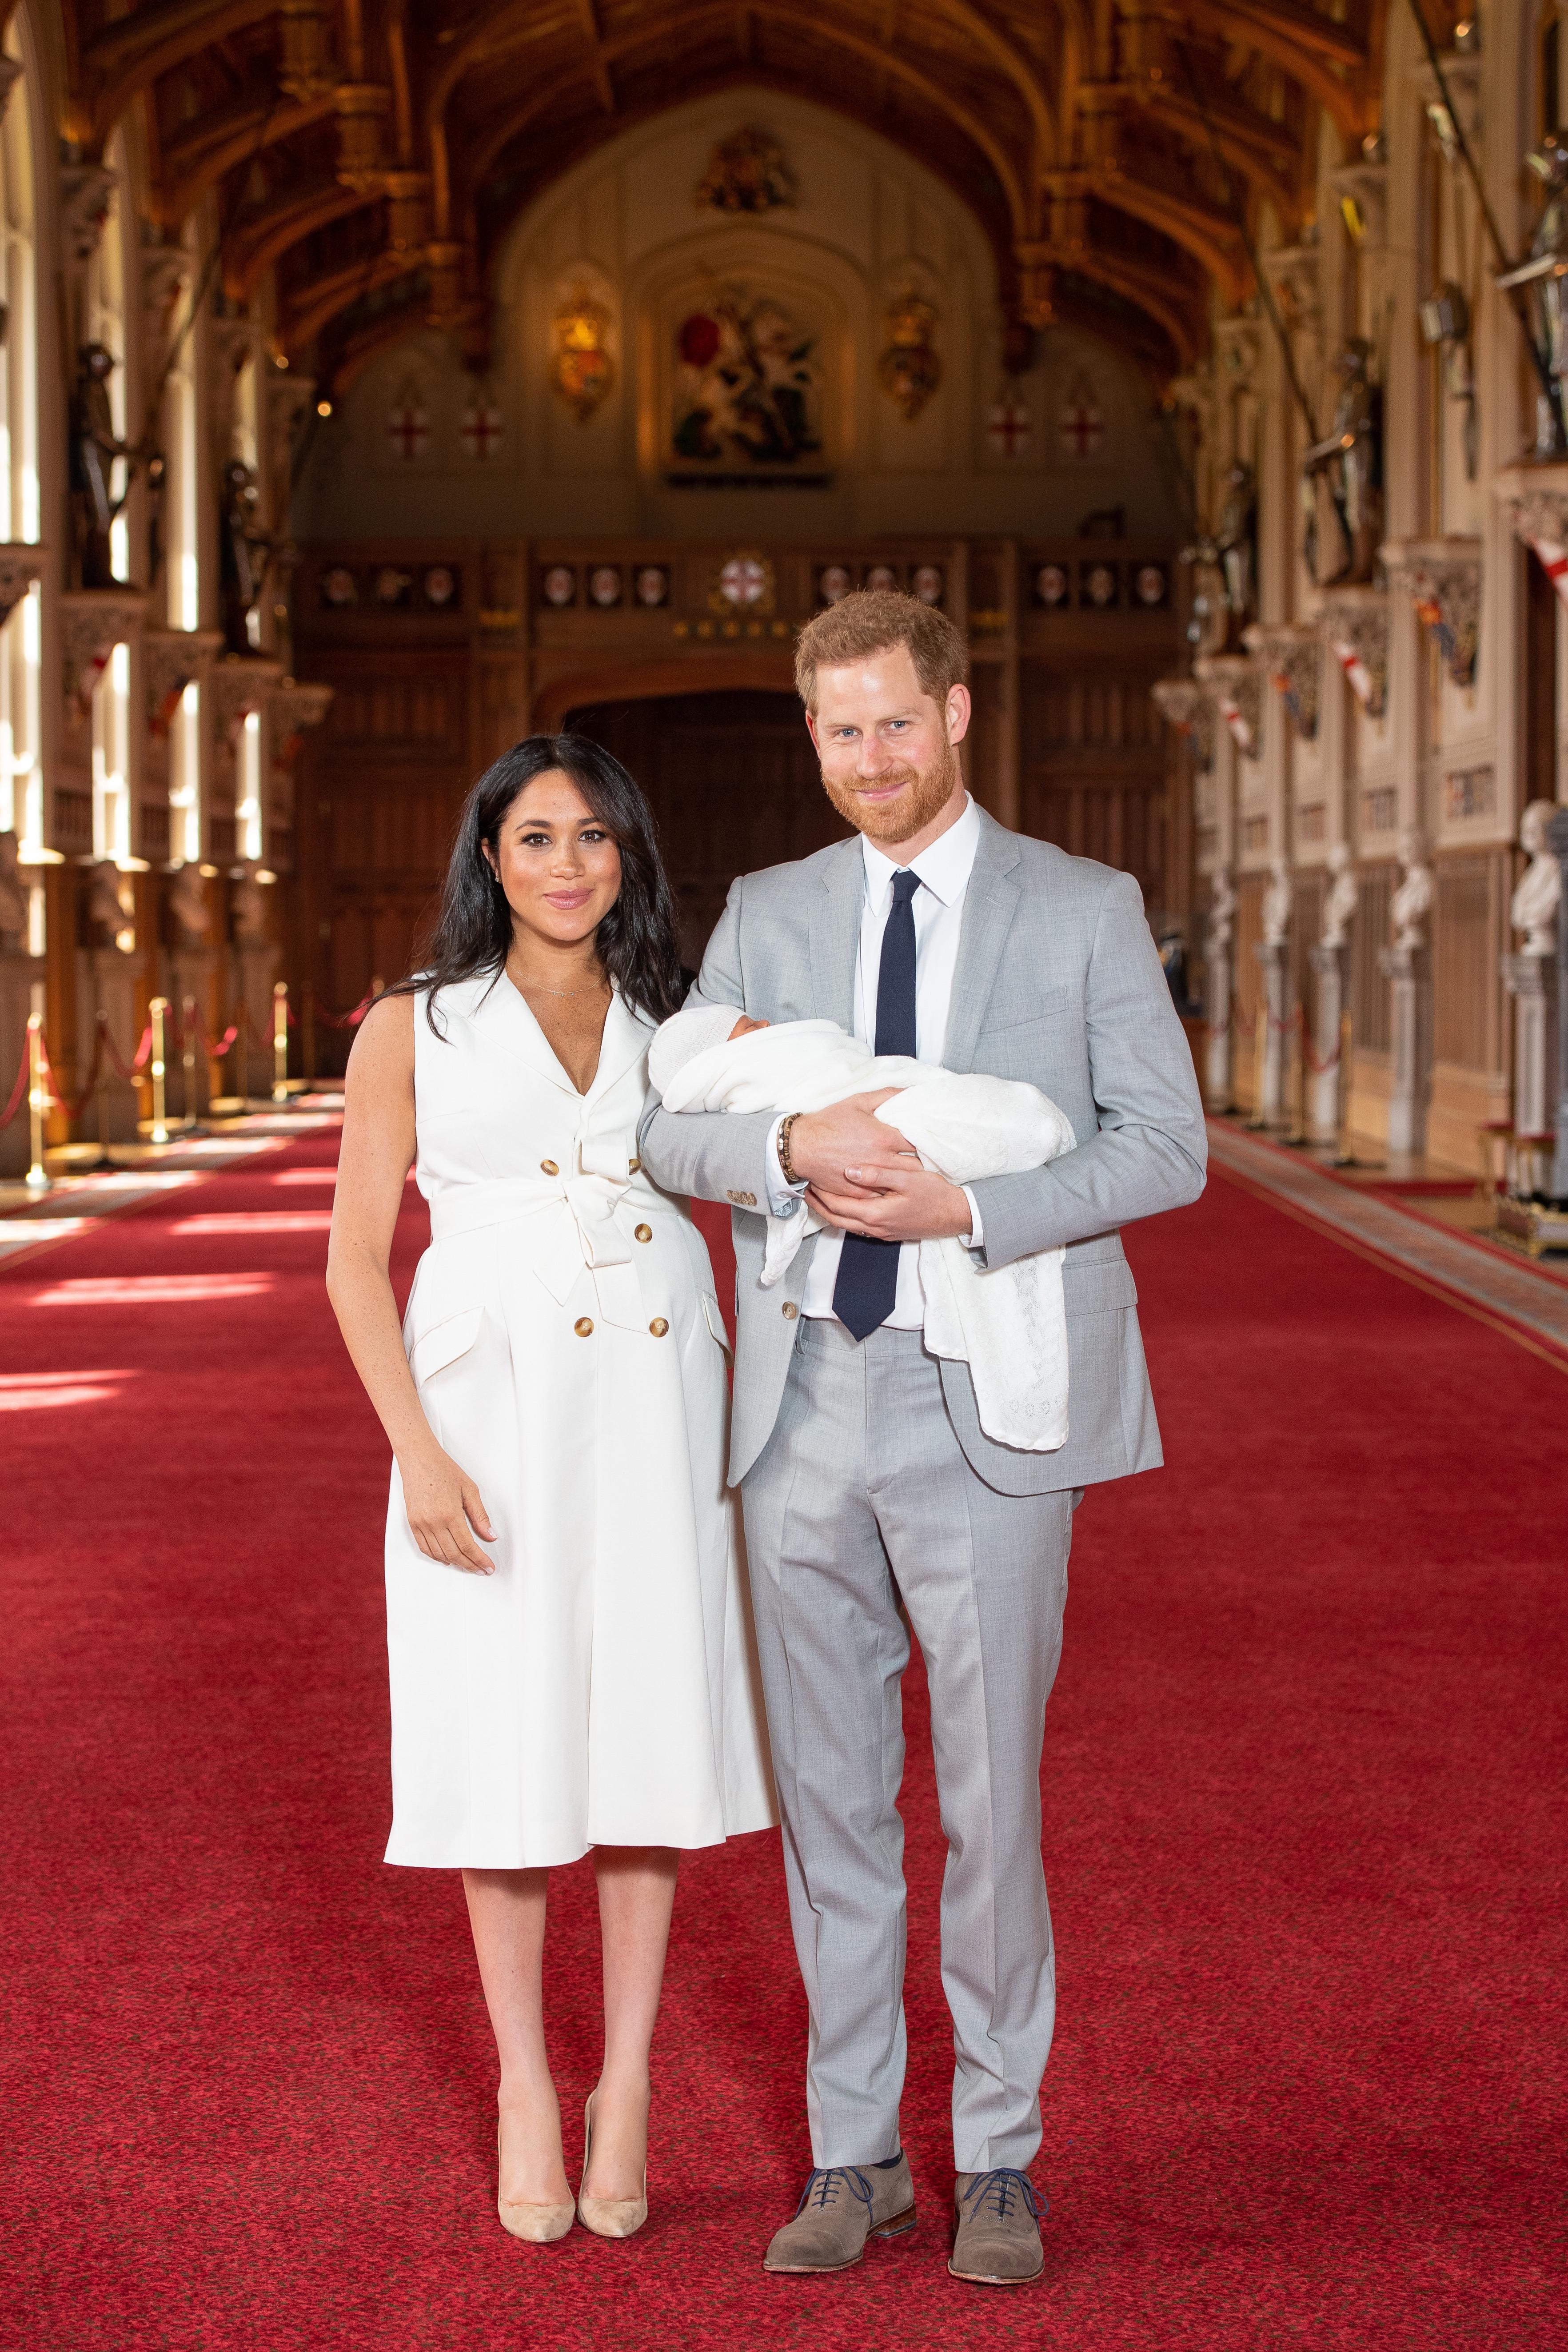 Harry e Meghan Markle fazem primeira aparição com bebê real